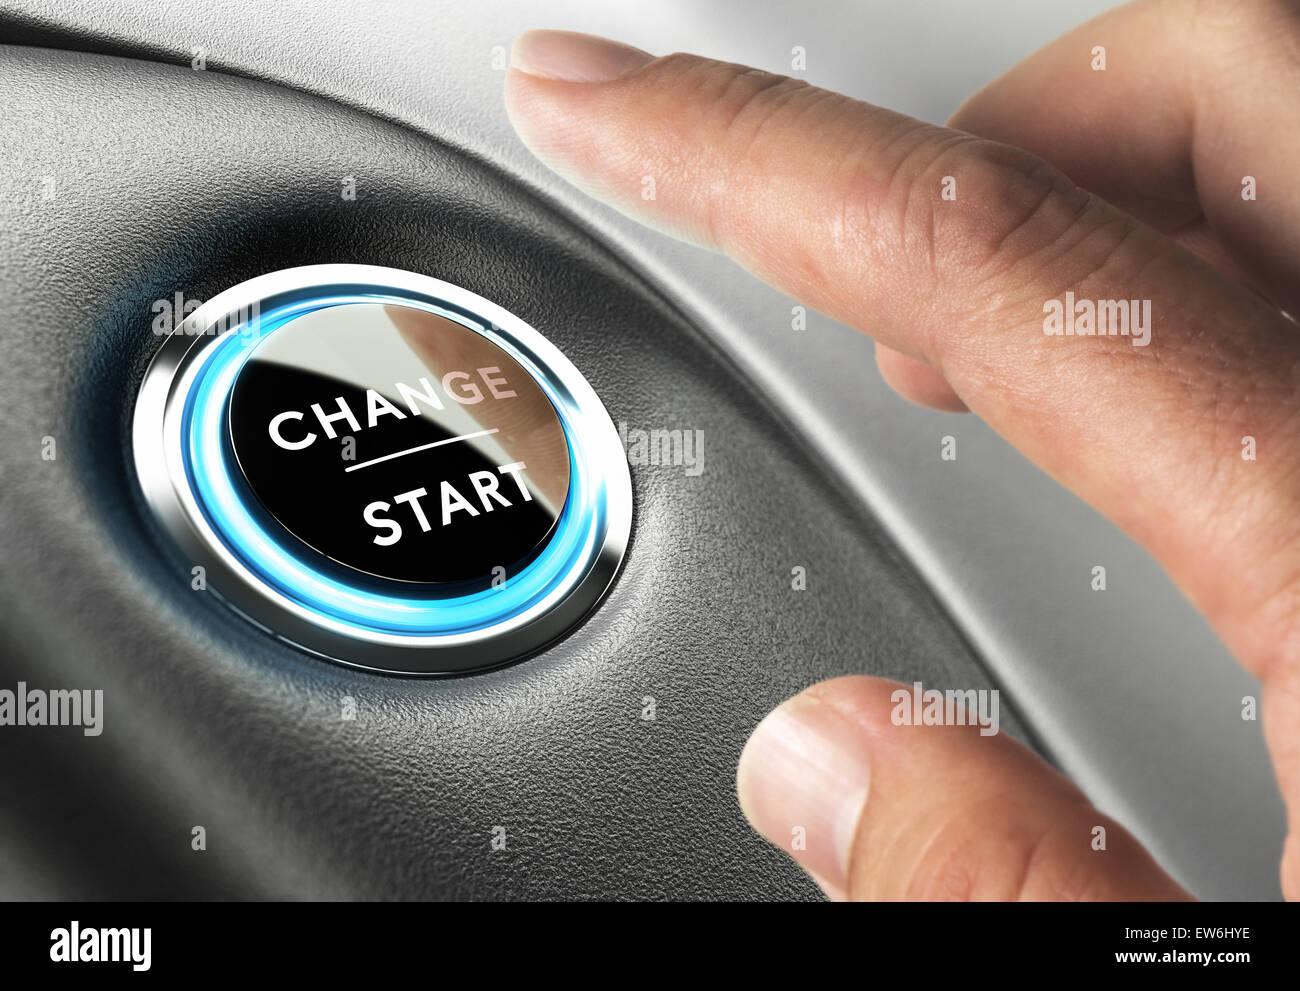 À propos de doigt d'appuyer sur un bouton Modifier. concept de la gestion du changement ou modification Photo Stock